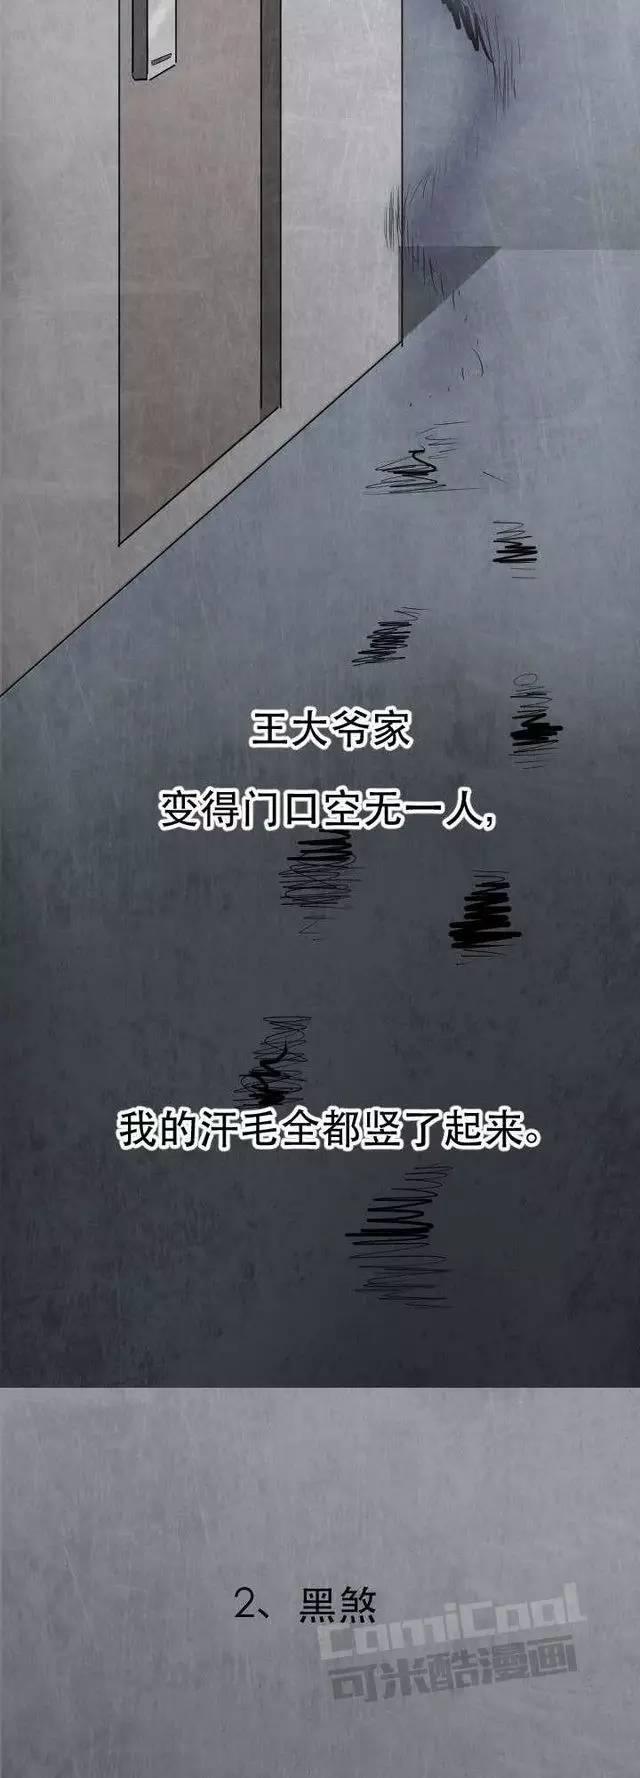 恐怖漫画《漫画鬼》-武神搜狐遮全集影子天图片